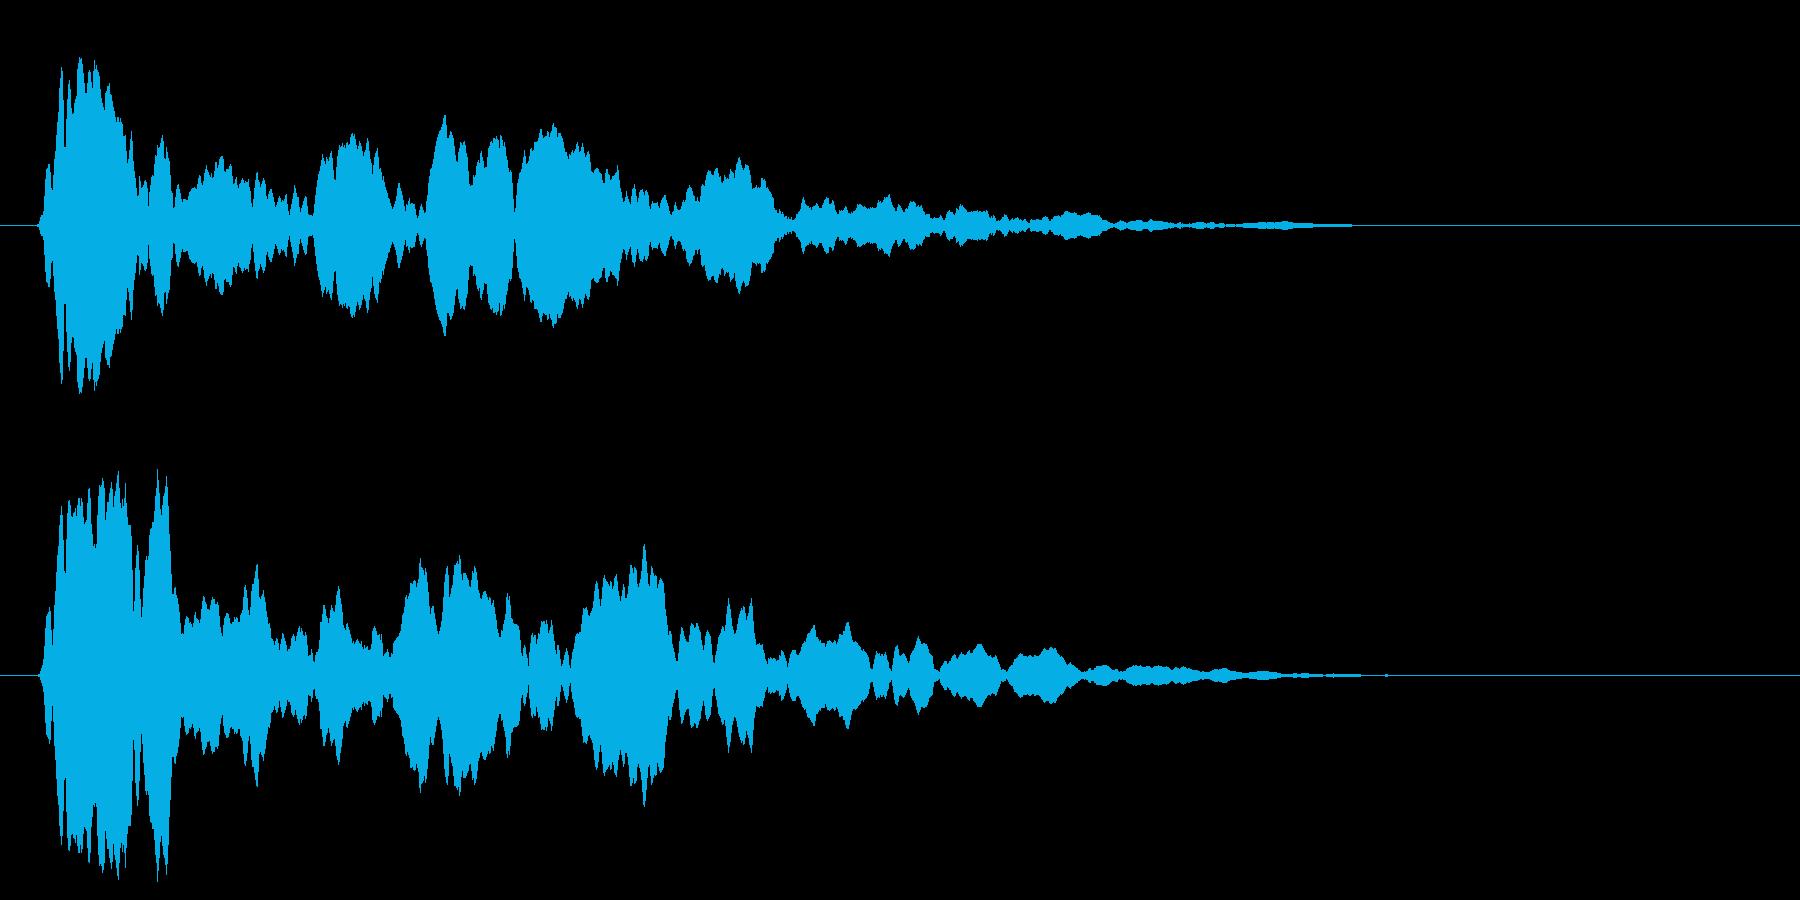 シャーン(頭に響く鈴の音)の再生済みの波形